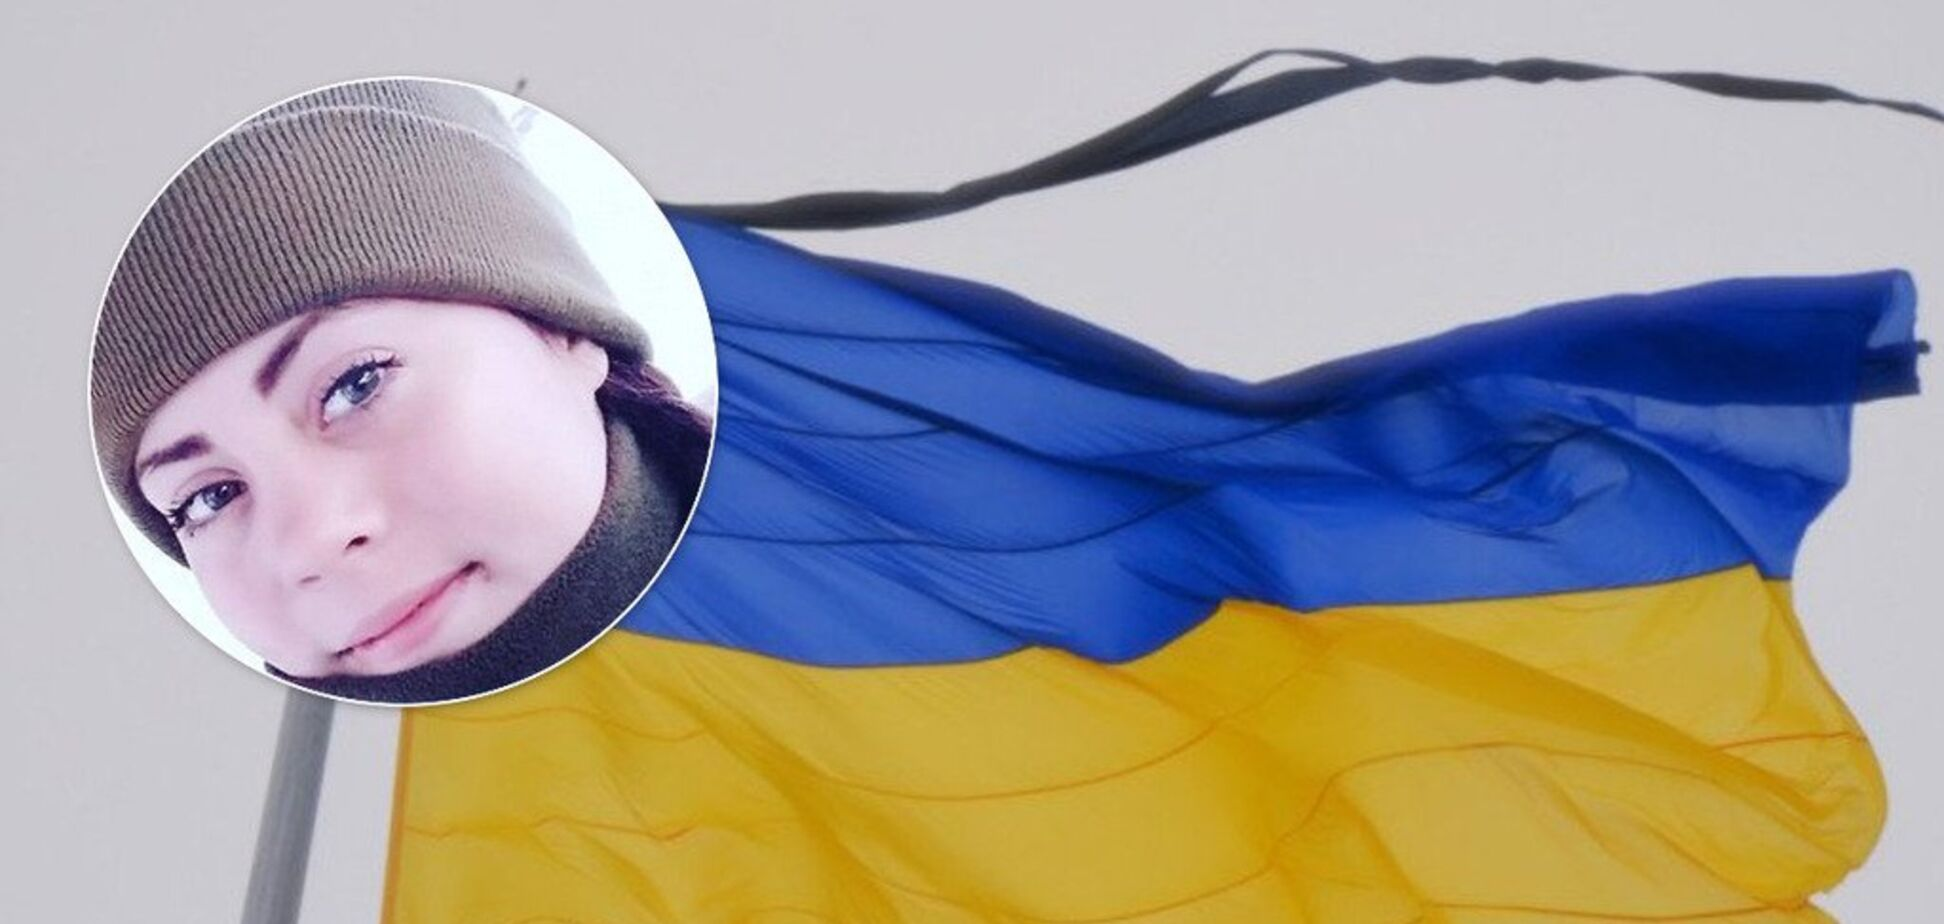 'Подорвала себя в туалете': появились жуткие подробности гибели военнослужащей на Донбассе